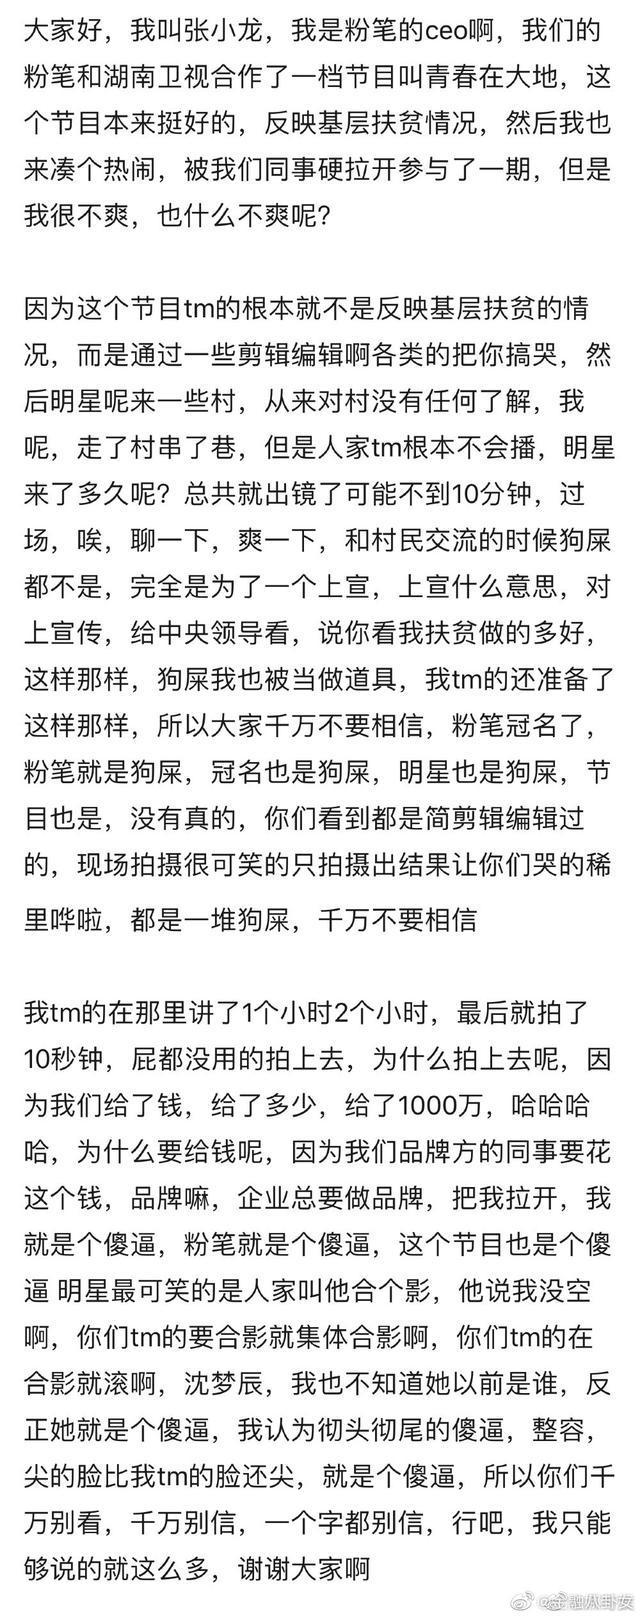 粉笔总裁张小龙炮轰芒果台综艺虚假扶贫 热门事件 第2张